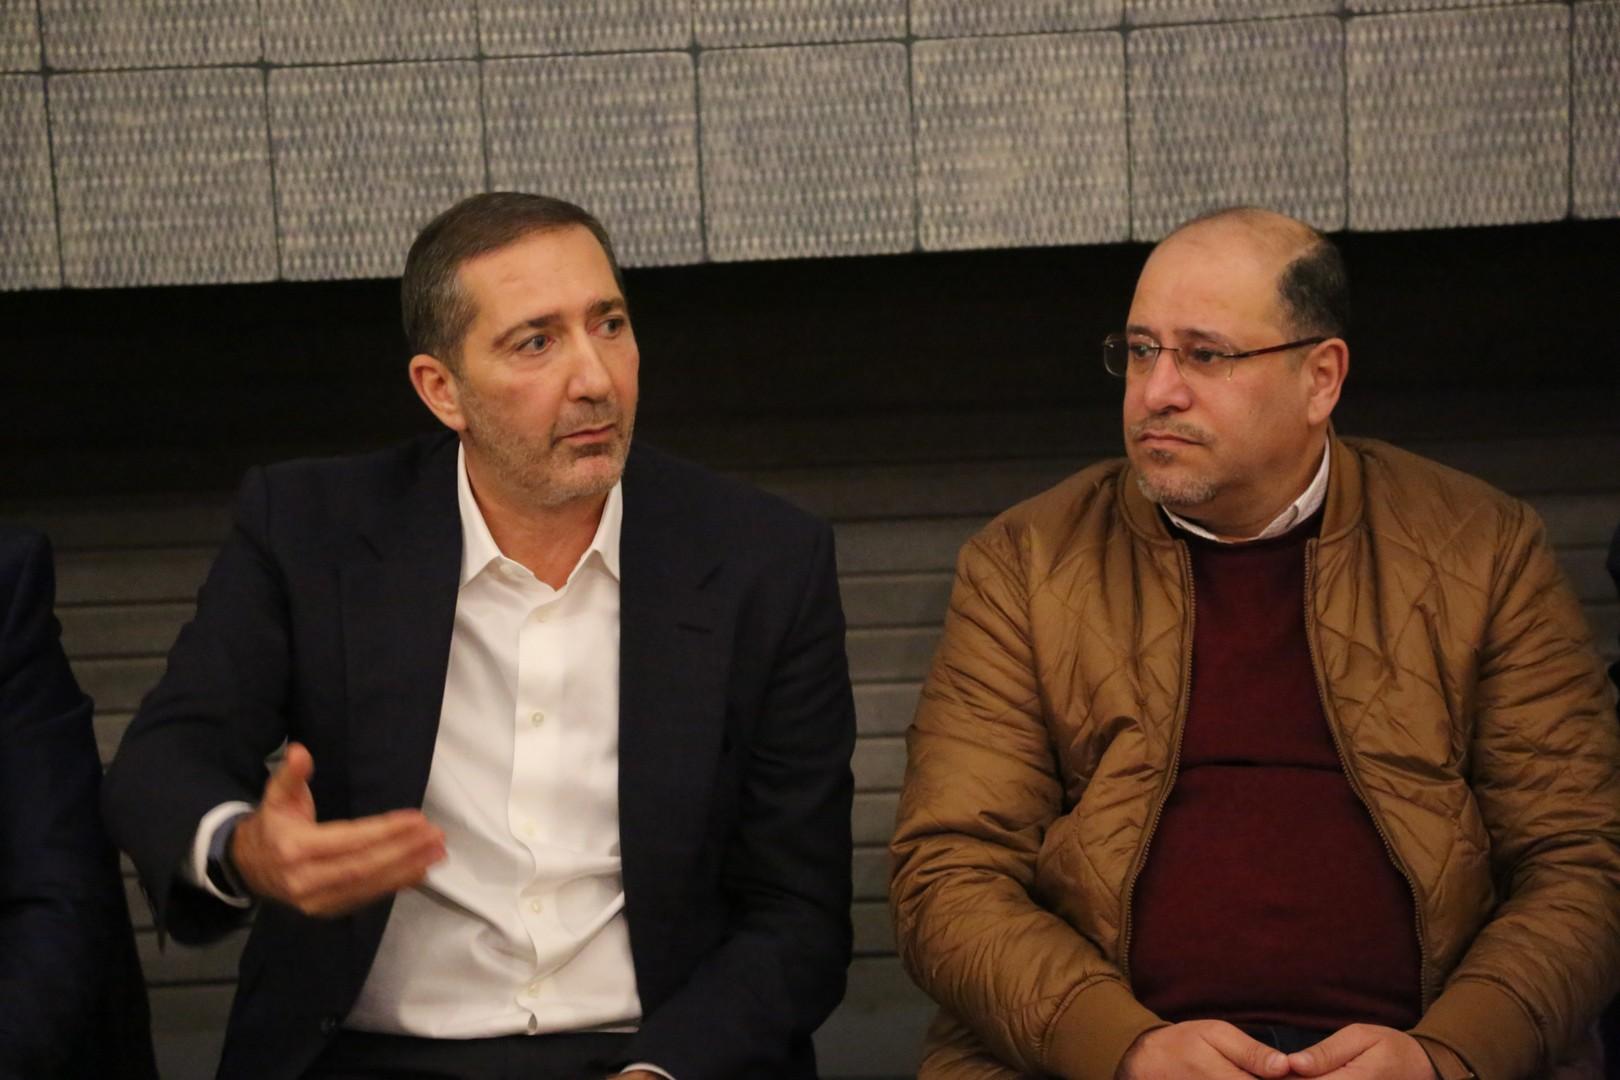 """الرفاعي: هذا ما ندمت عليه عندما كنت رئيساً للحكومة ..  وصالونات عمان """"المخملية"""" هي مصدر الاشاعة والسموم"""